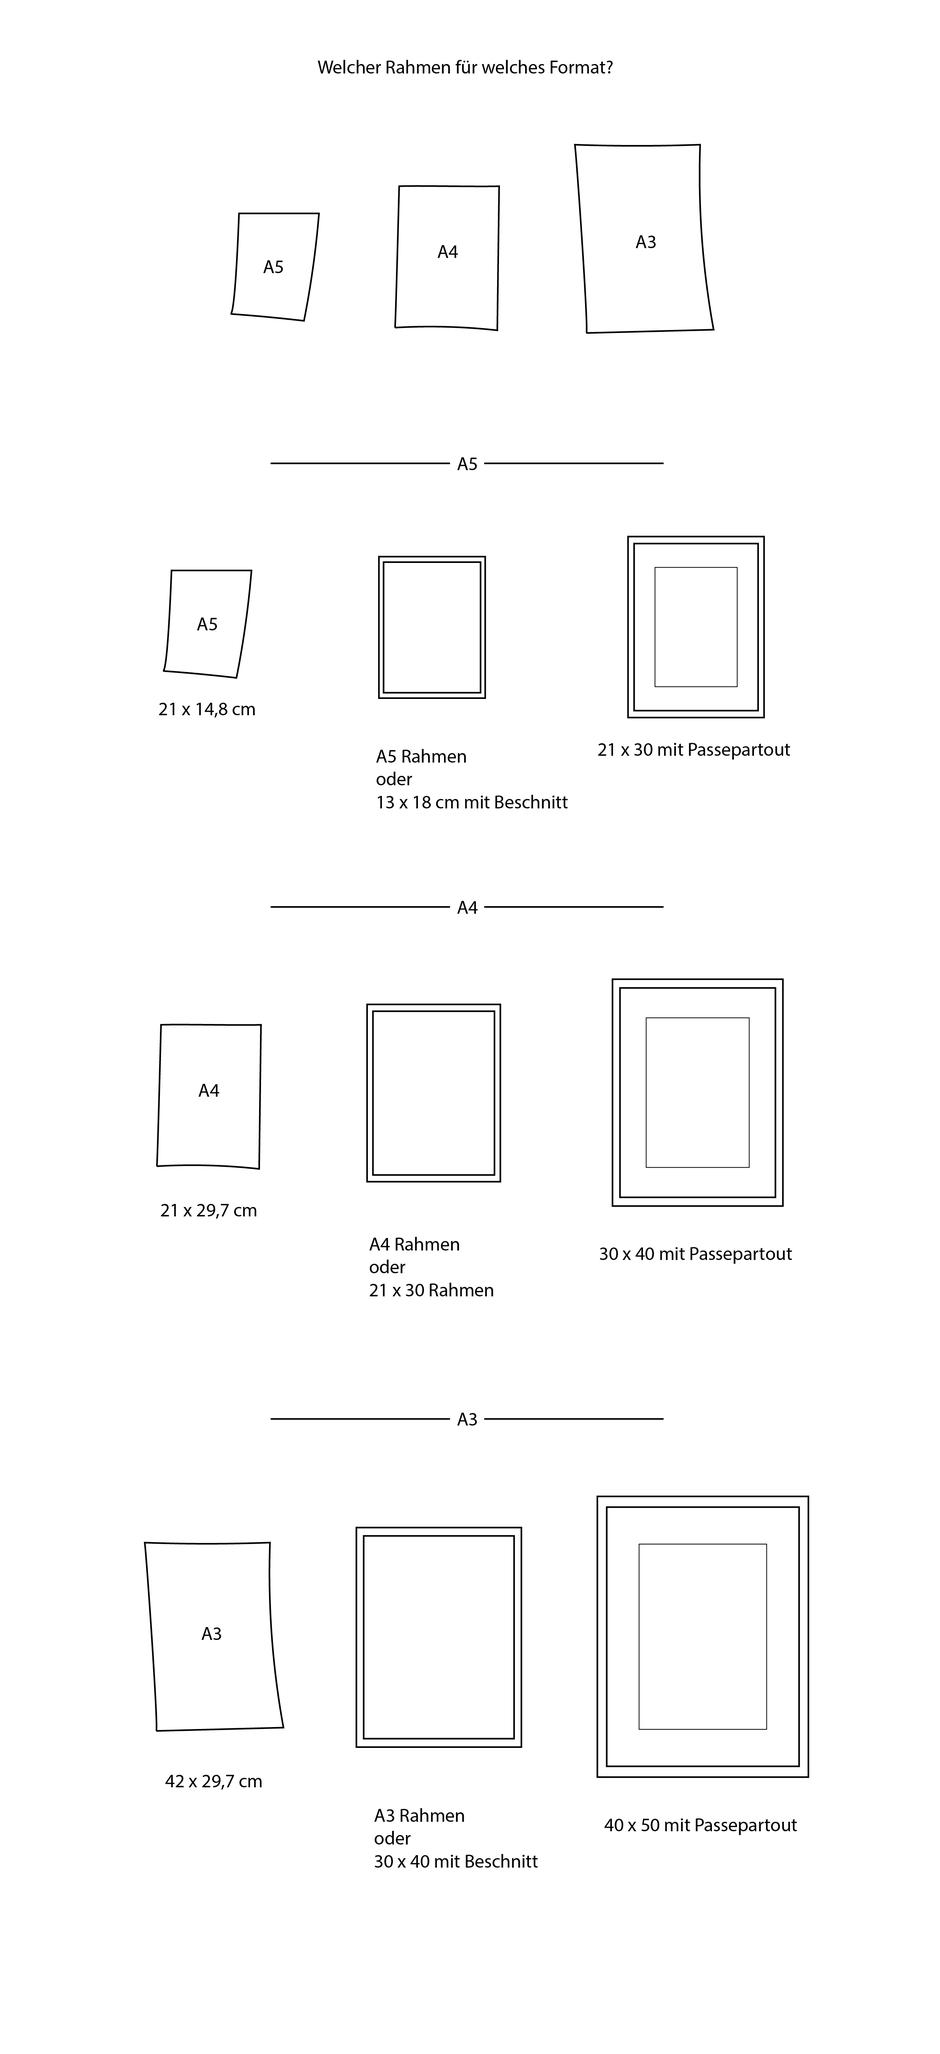 Bilderrahmen Guide, Bilder Größe Vergleich, Poster Rahmen, Poster Welche Rahmen?, Poster Größe, A5 Rahmen, A4 Rahmen, A3 Rahmen, Poster Rahmen, Rahmen Größen, Rahmengröße